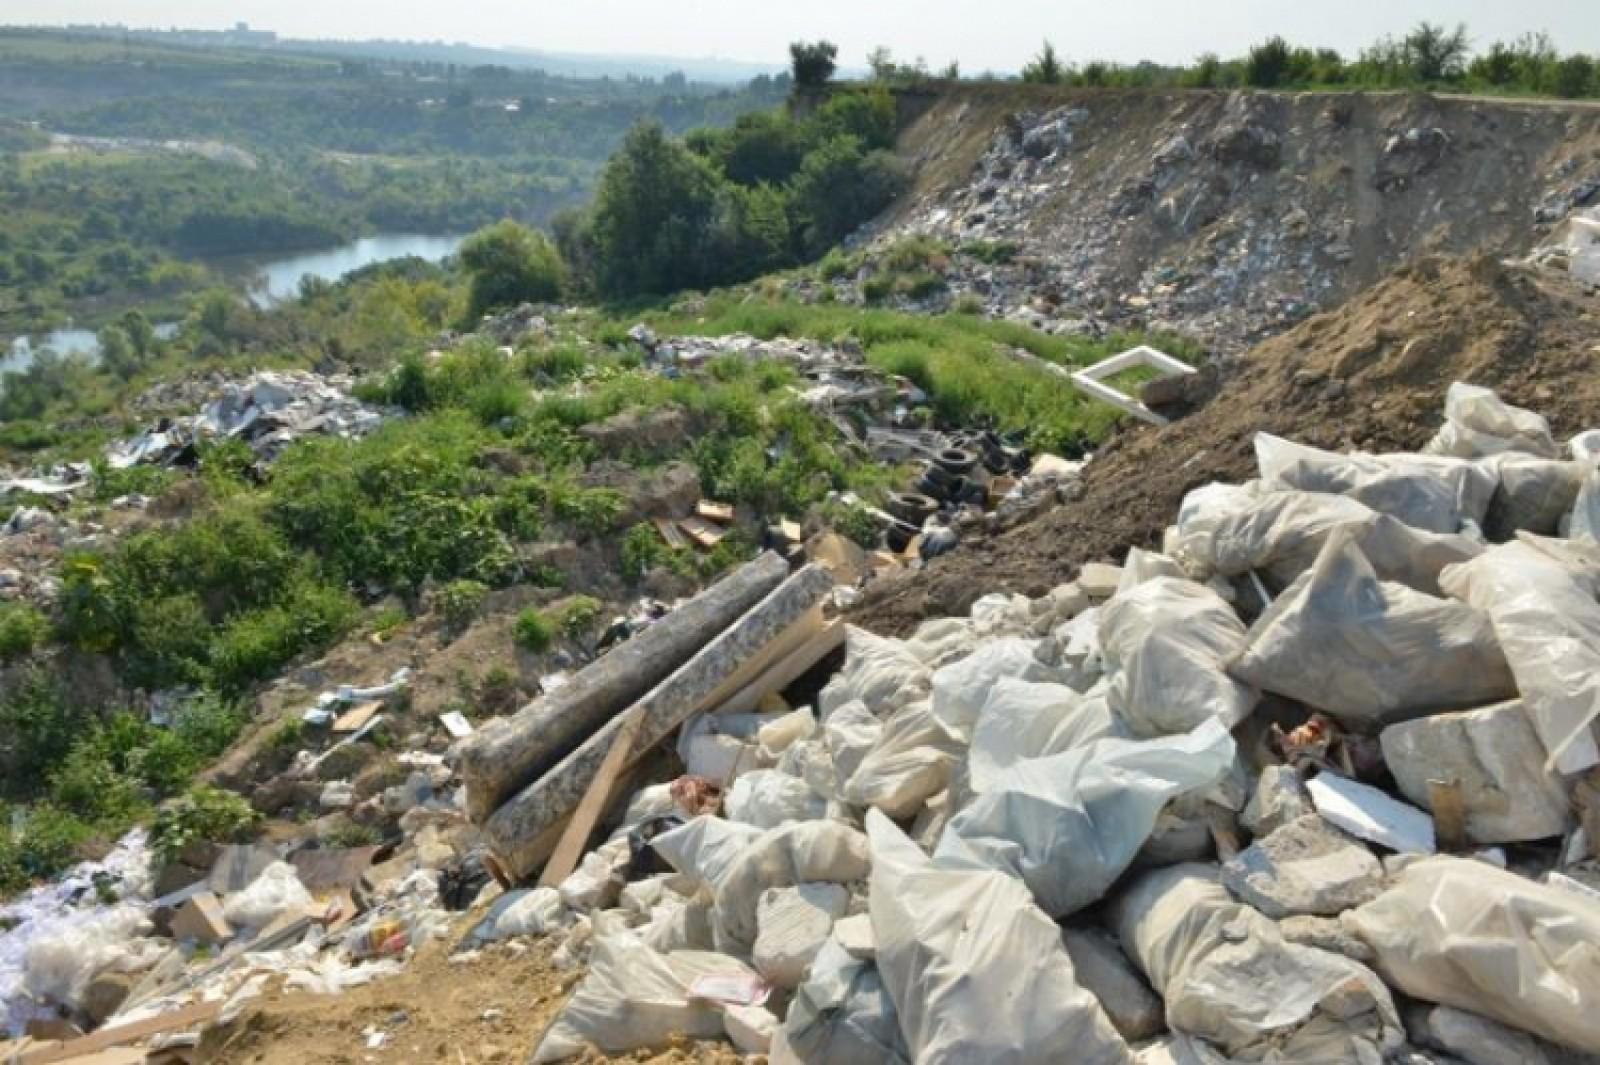 """(foto) Gunoişte neautorizată, pe malul râului Bâc. Ruslan Codreanu: """"Este o adevărată catastrofă ecologică"""""""